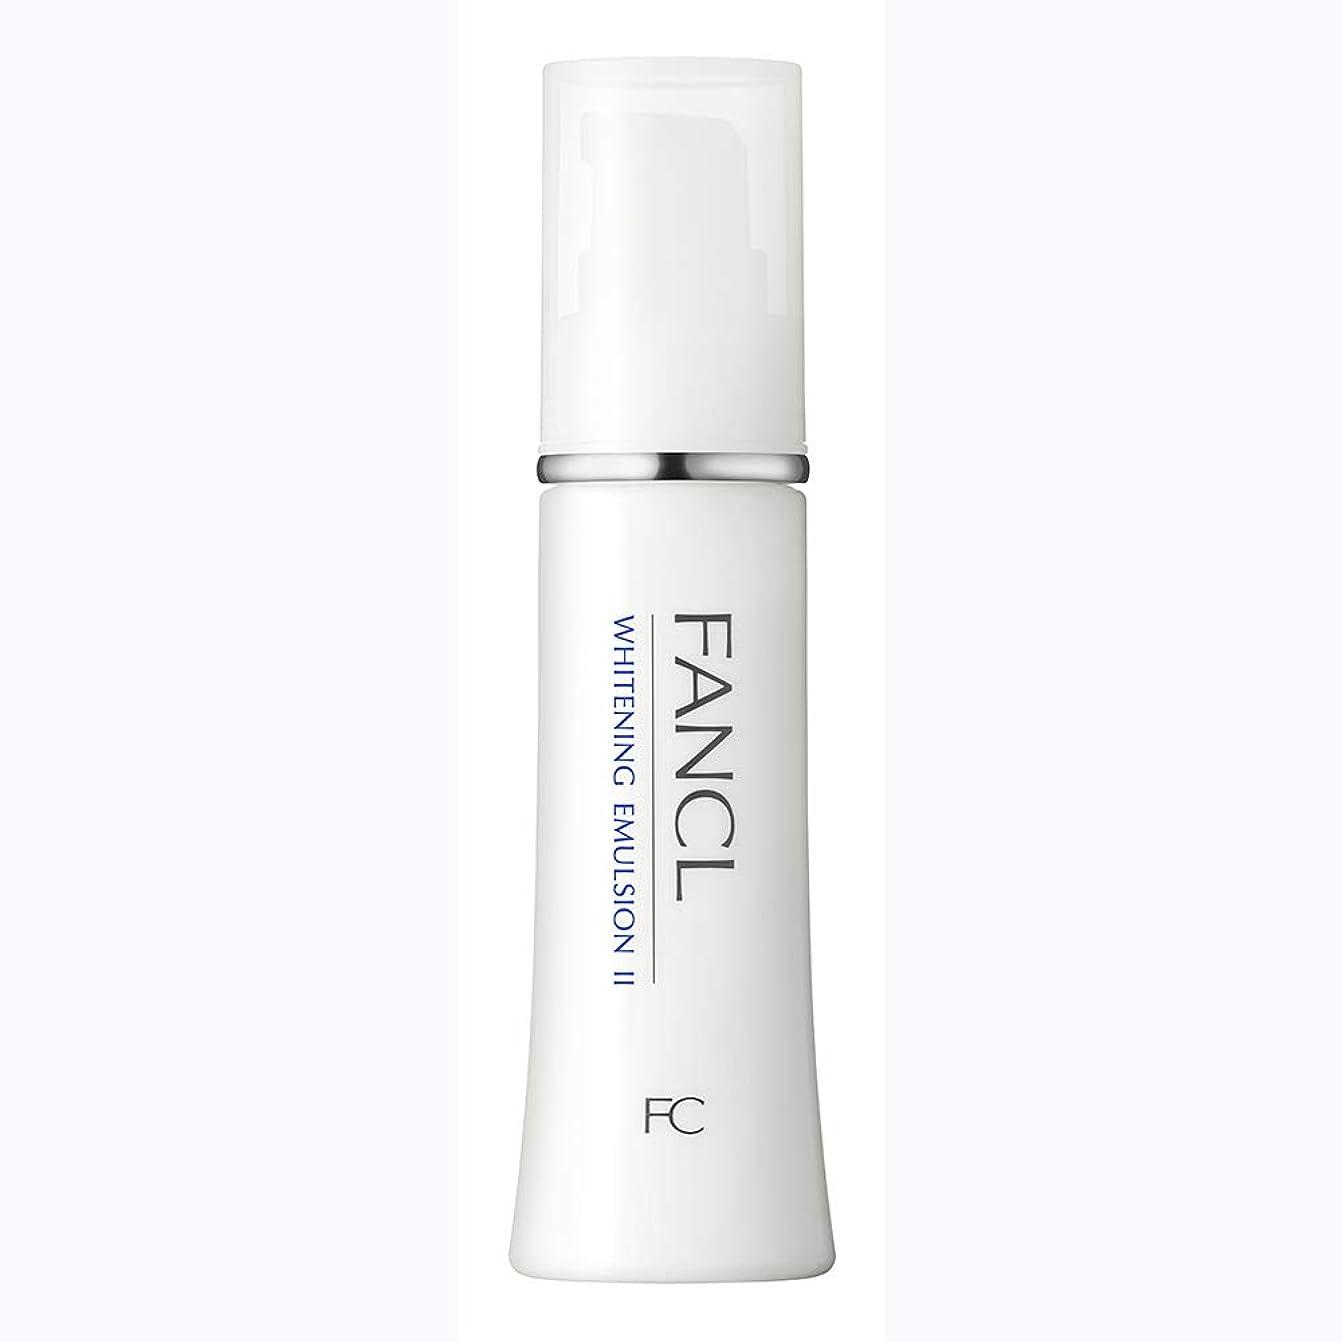 住居ダイバーガソリンファンケル(FANCL) 新 ホワイトニング 乳液 II しっとり 1本 30mL<医薬部外品>